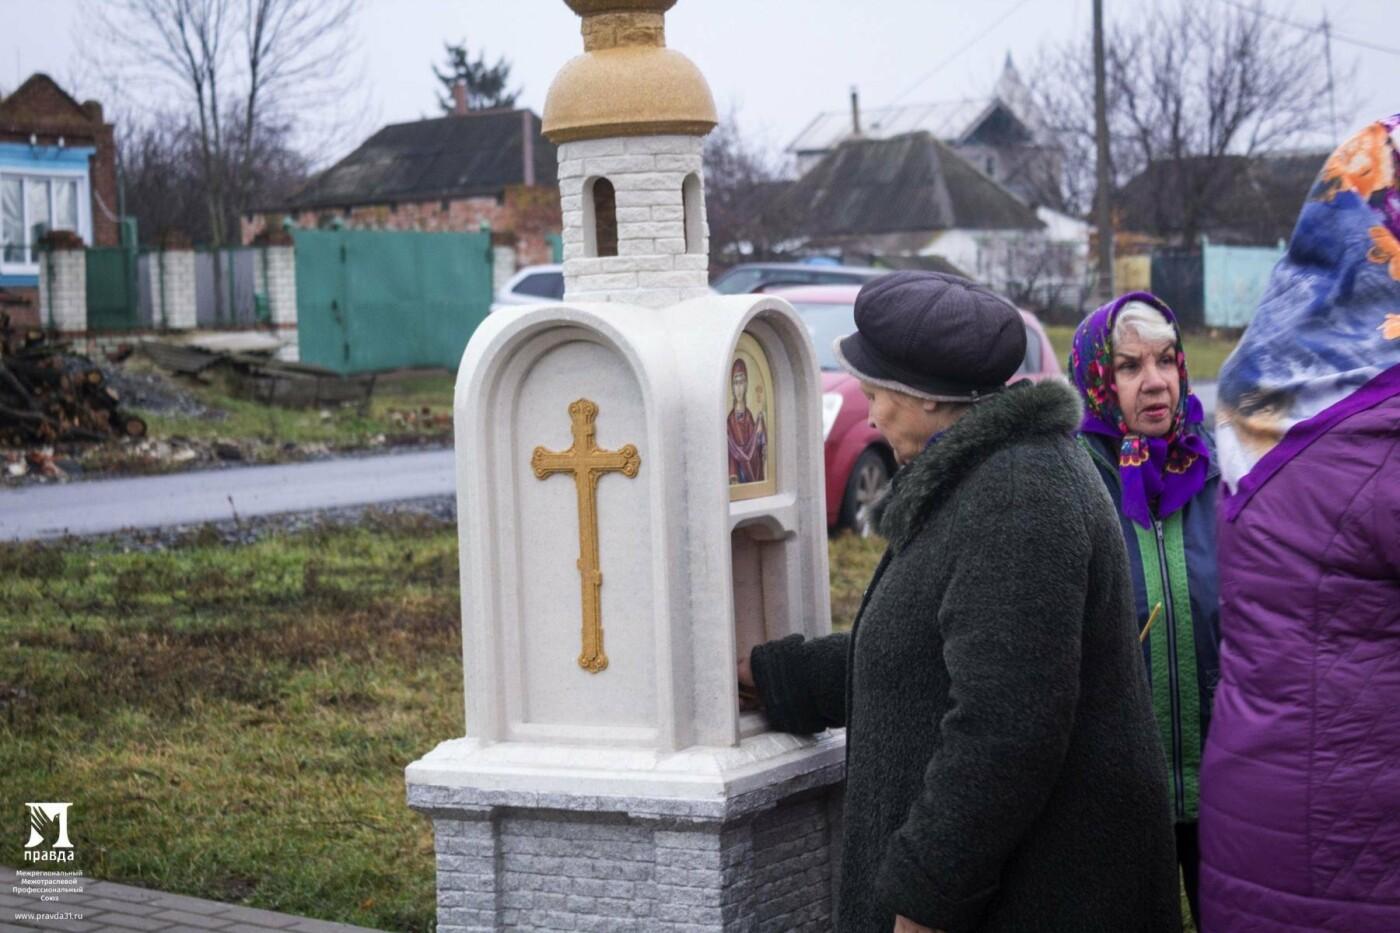 Белгородская митрополия и профсоюз «Правда» начали взаимодействие в сфере укрепления православных традиций на Белгородчине, фото-16